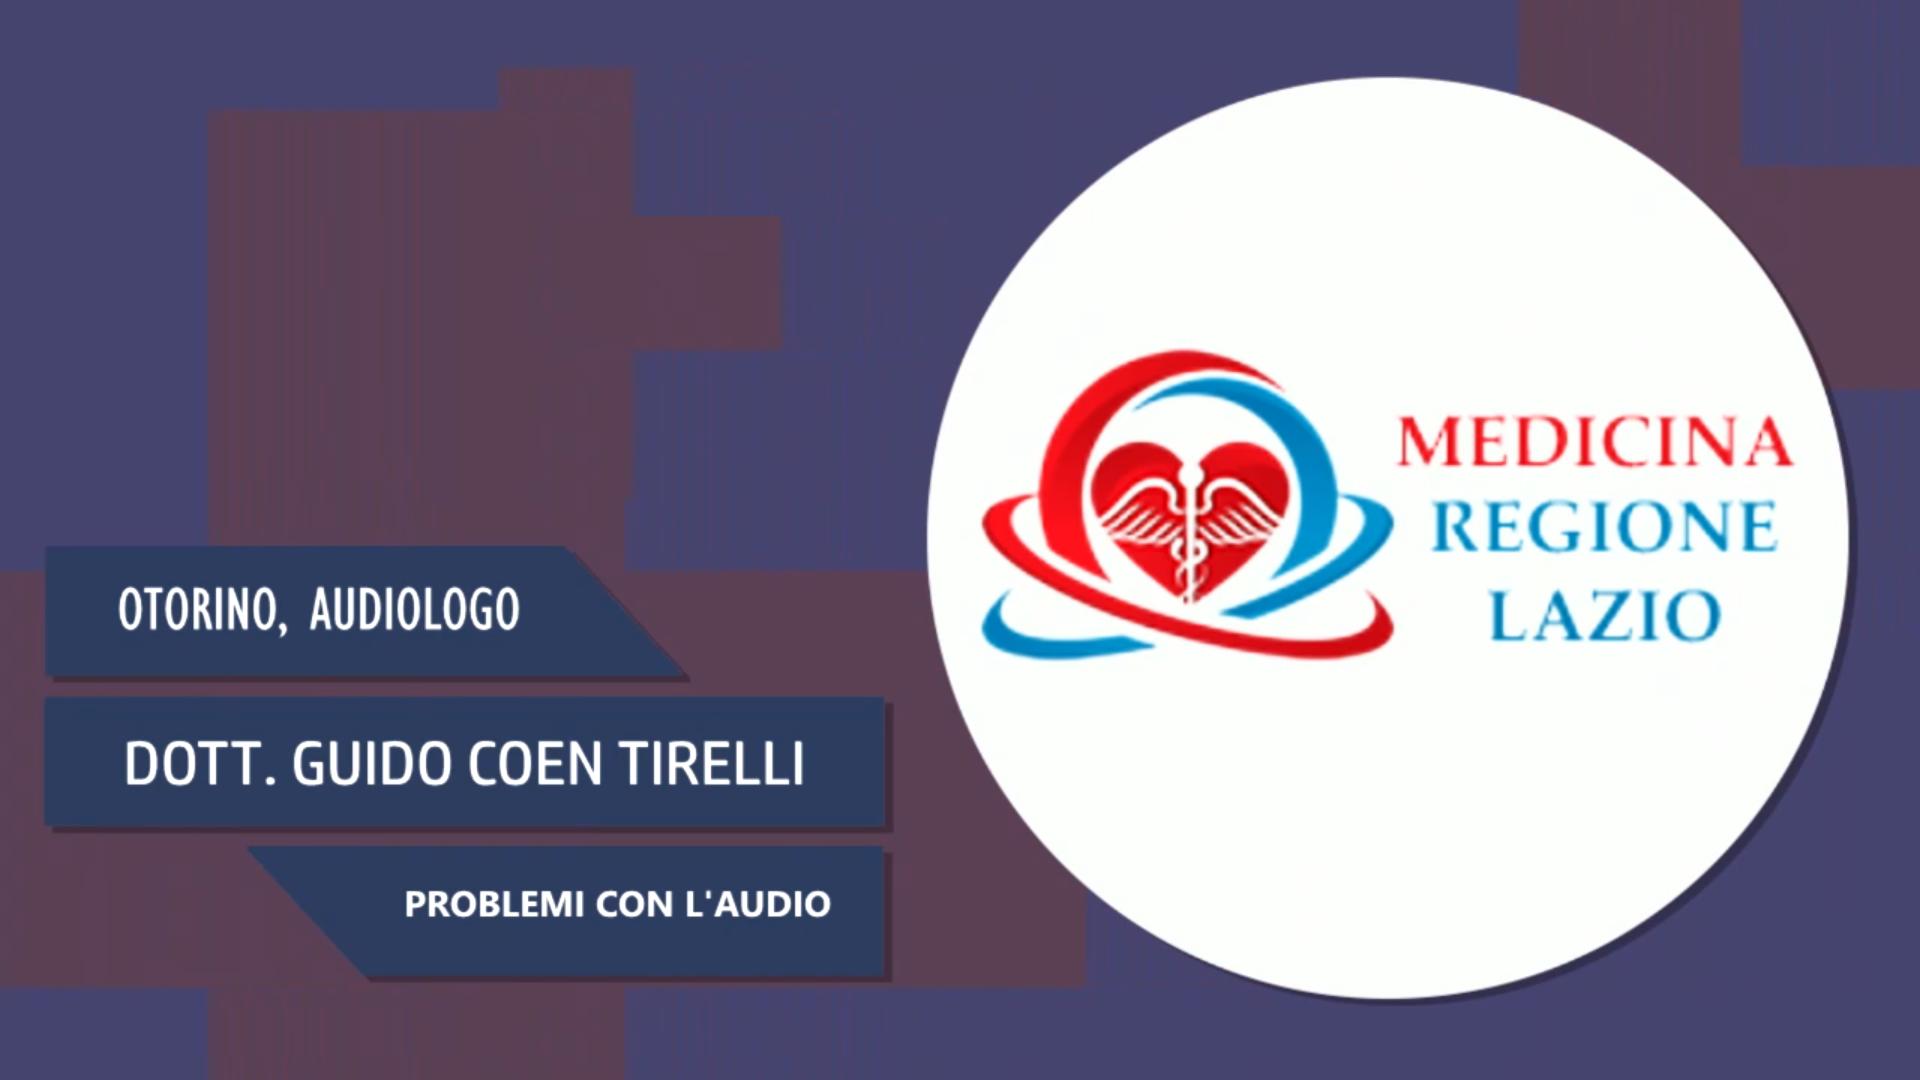 Intervista al Dott. Guido Coen Tirelli – Problemi con l'audio